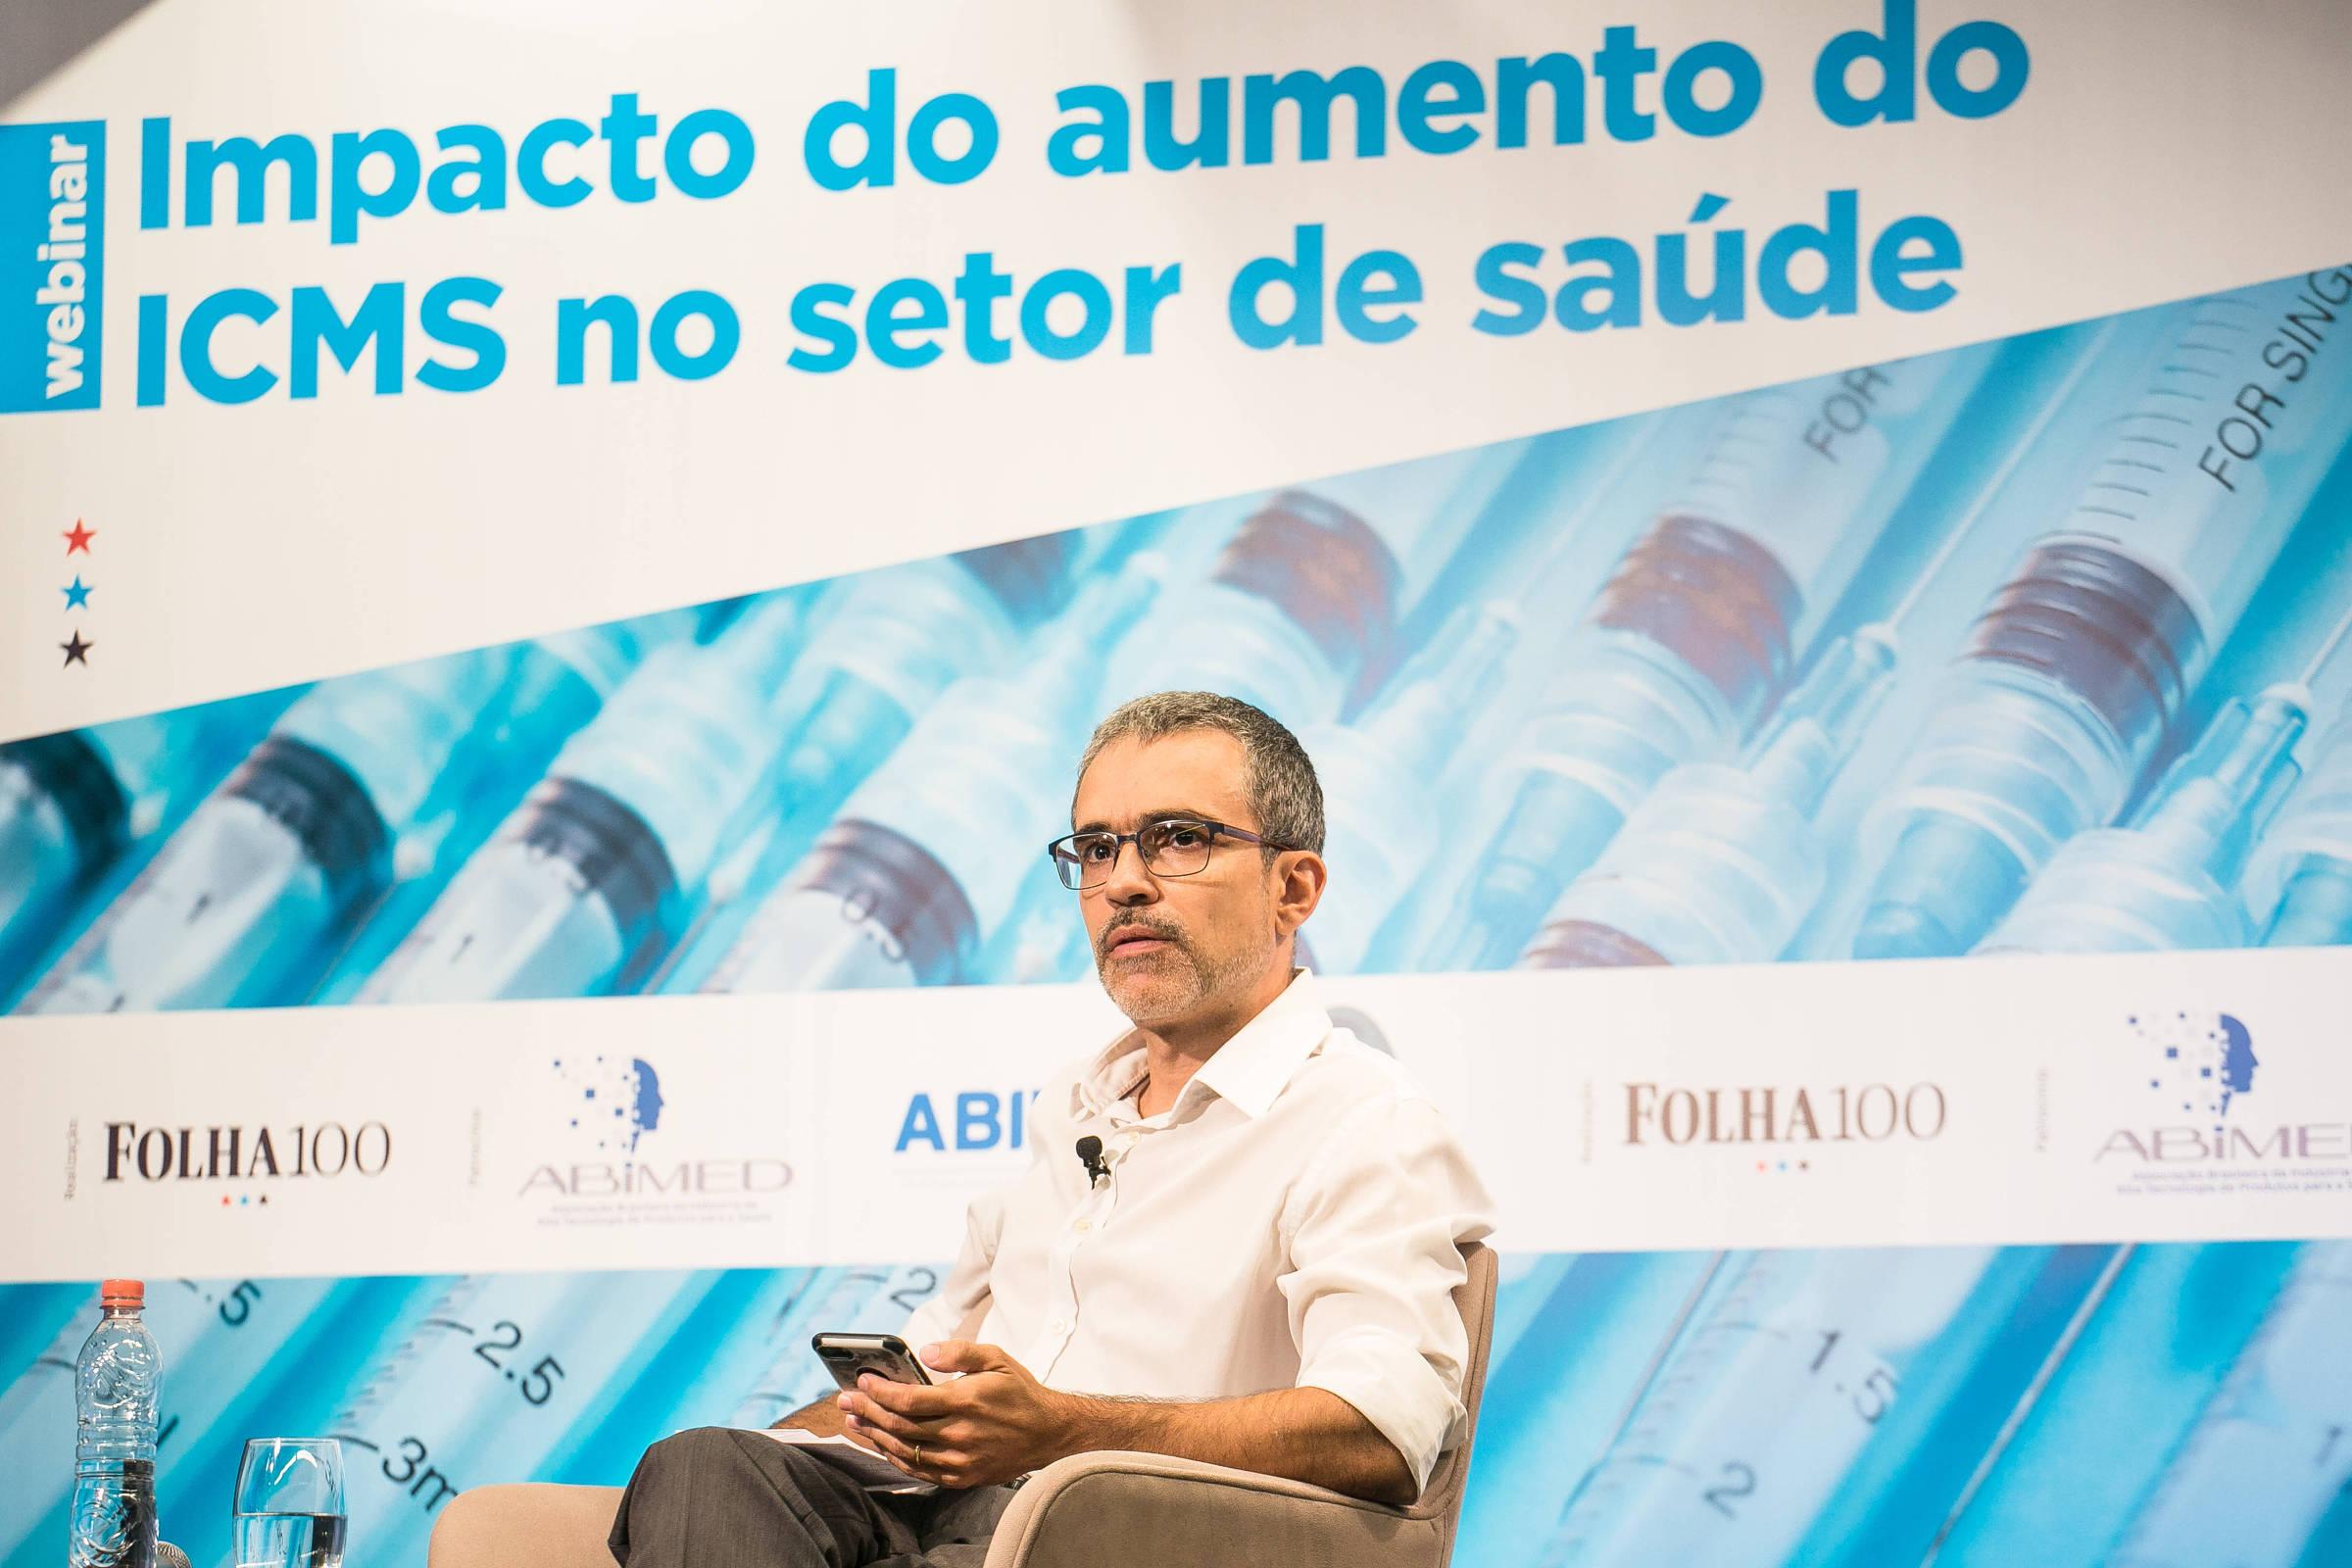 Aumento do ICMS para saúde em SP provoca discussão sobre tabela SUS